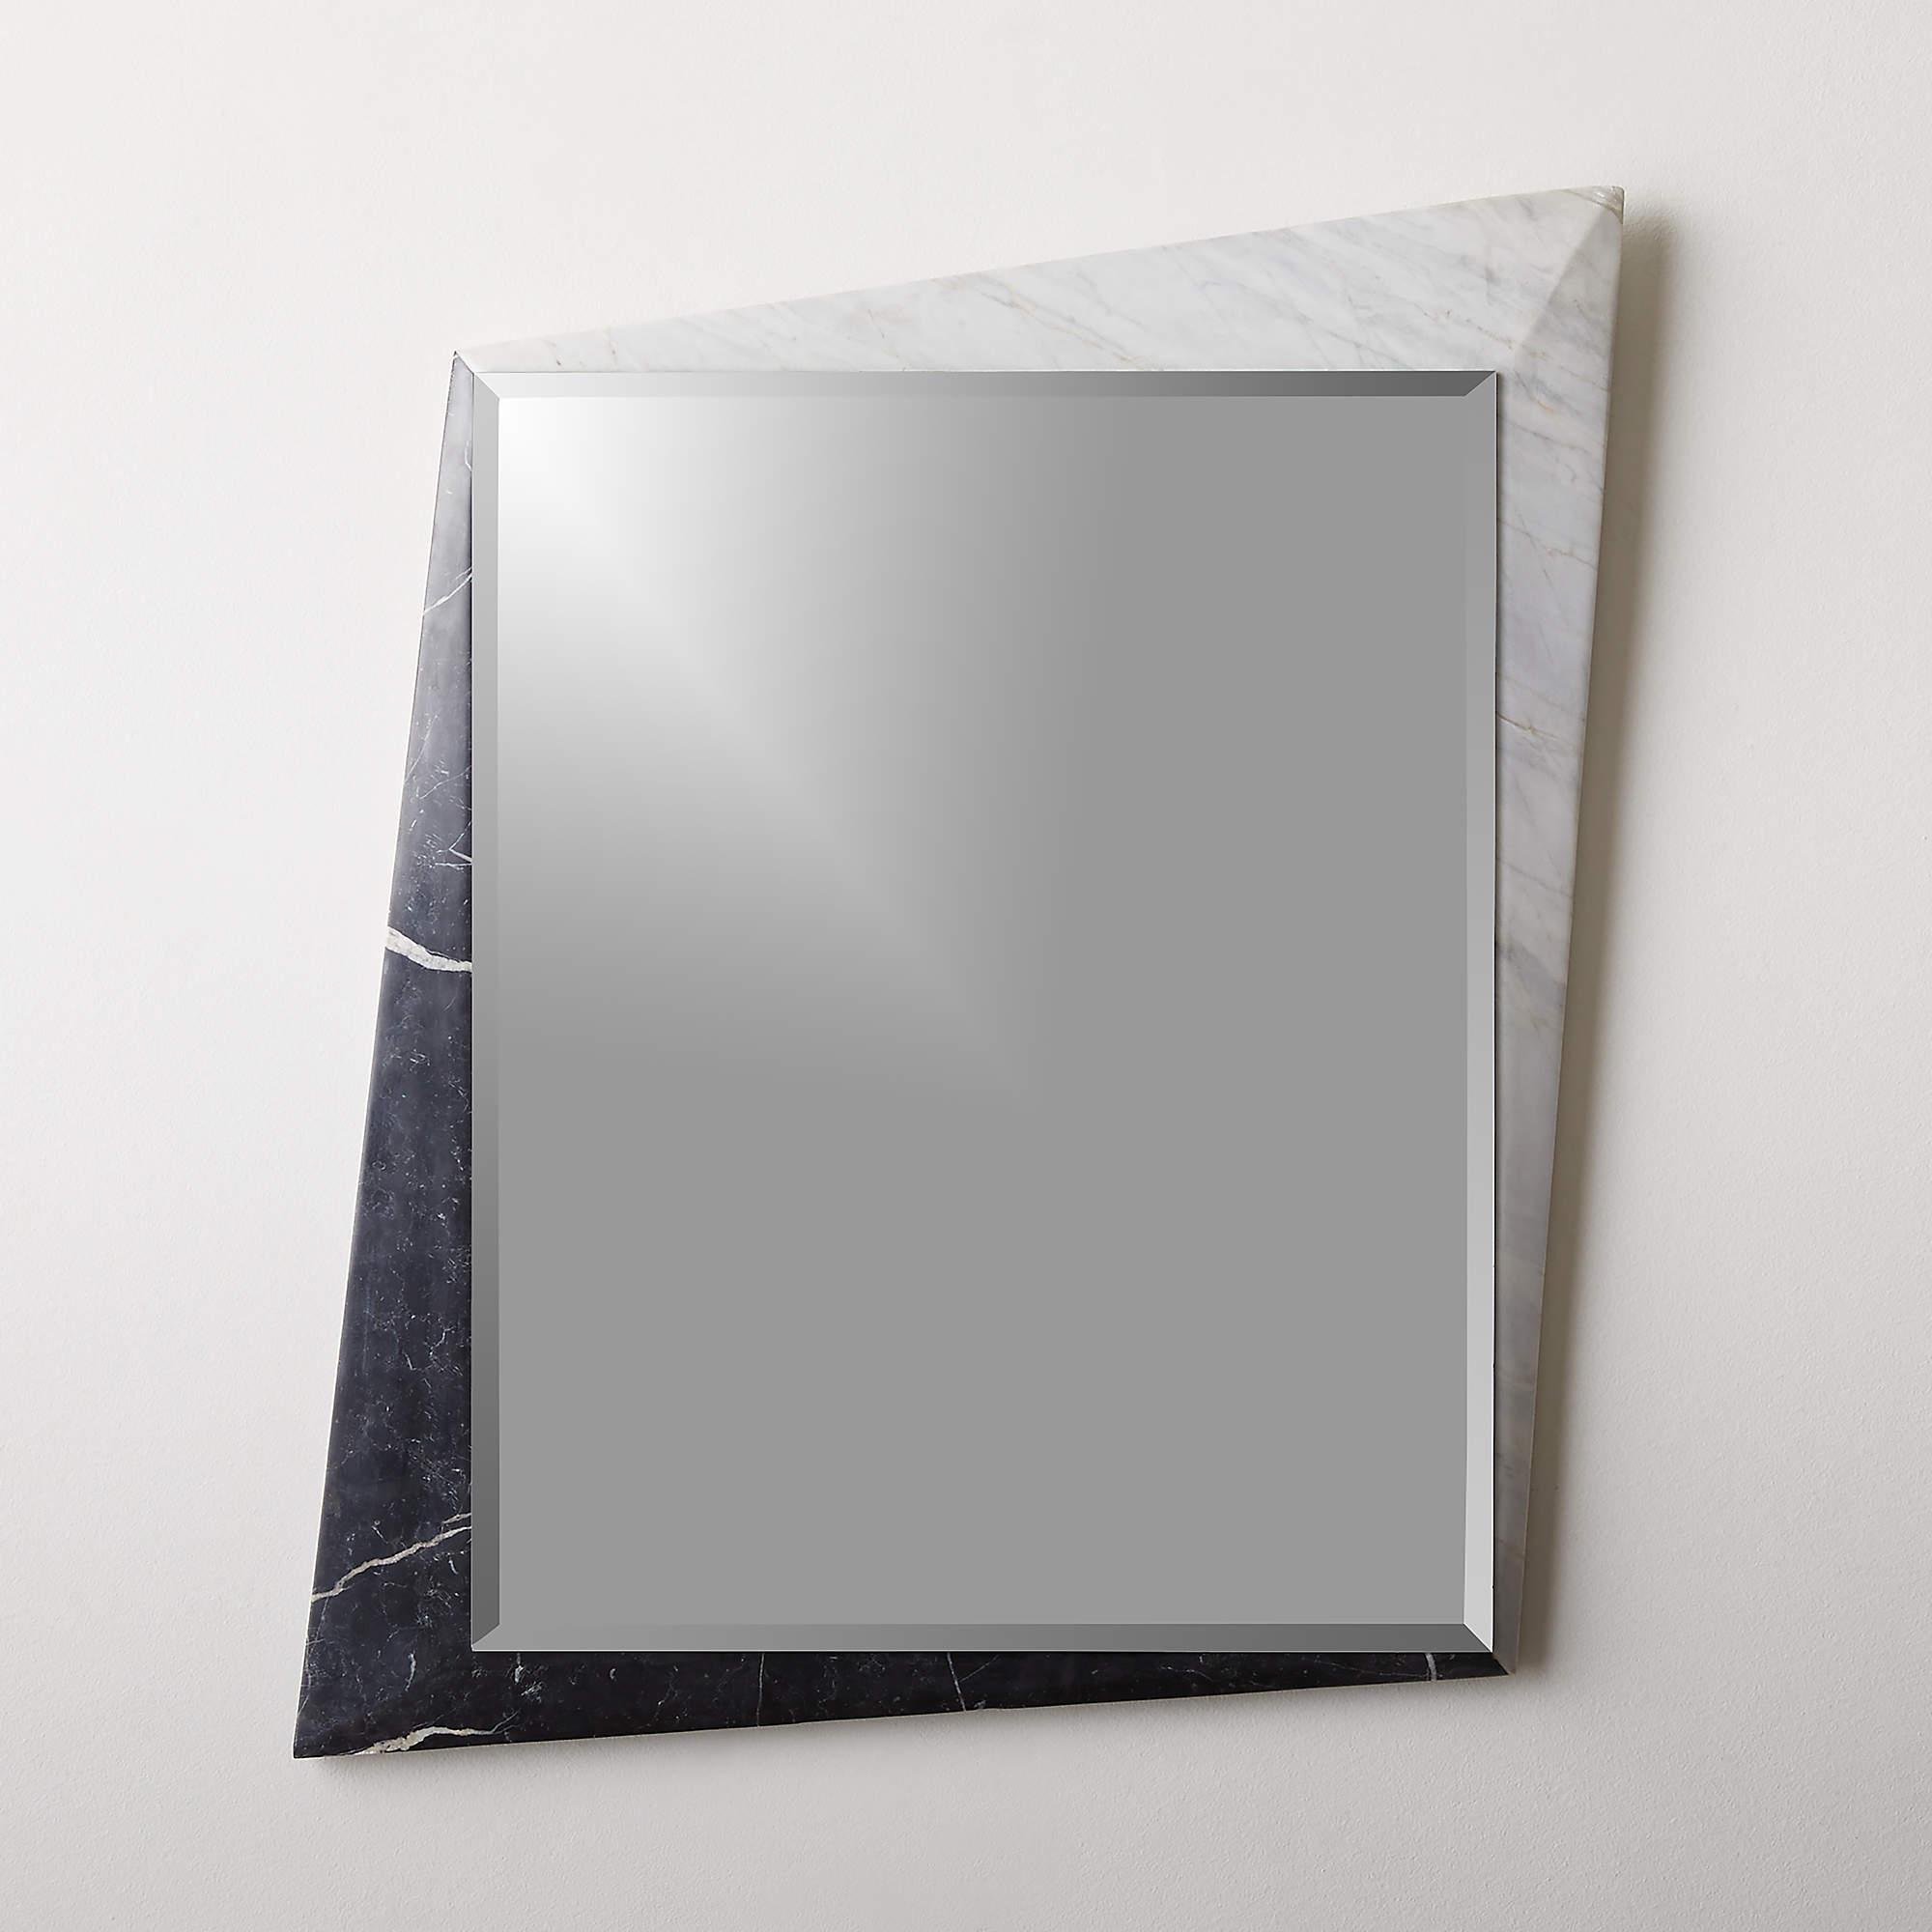 iggy-marble-wall-mirror-28×25